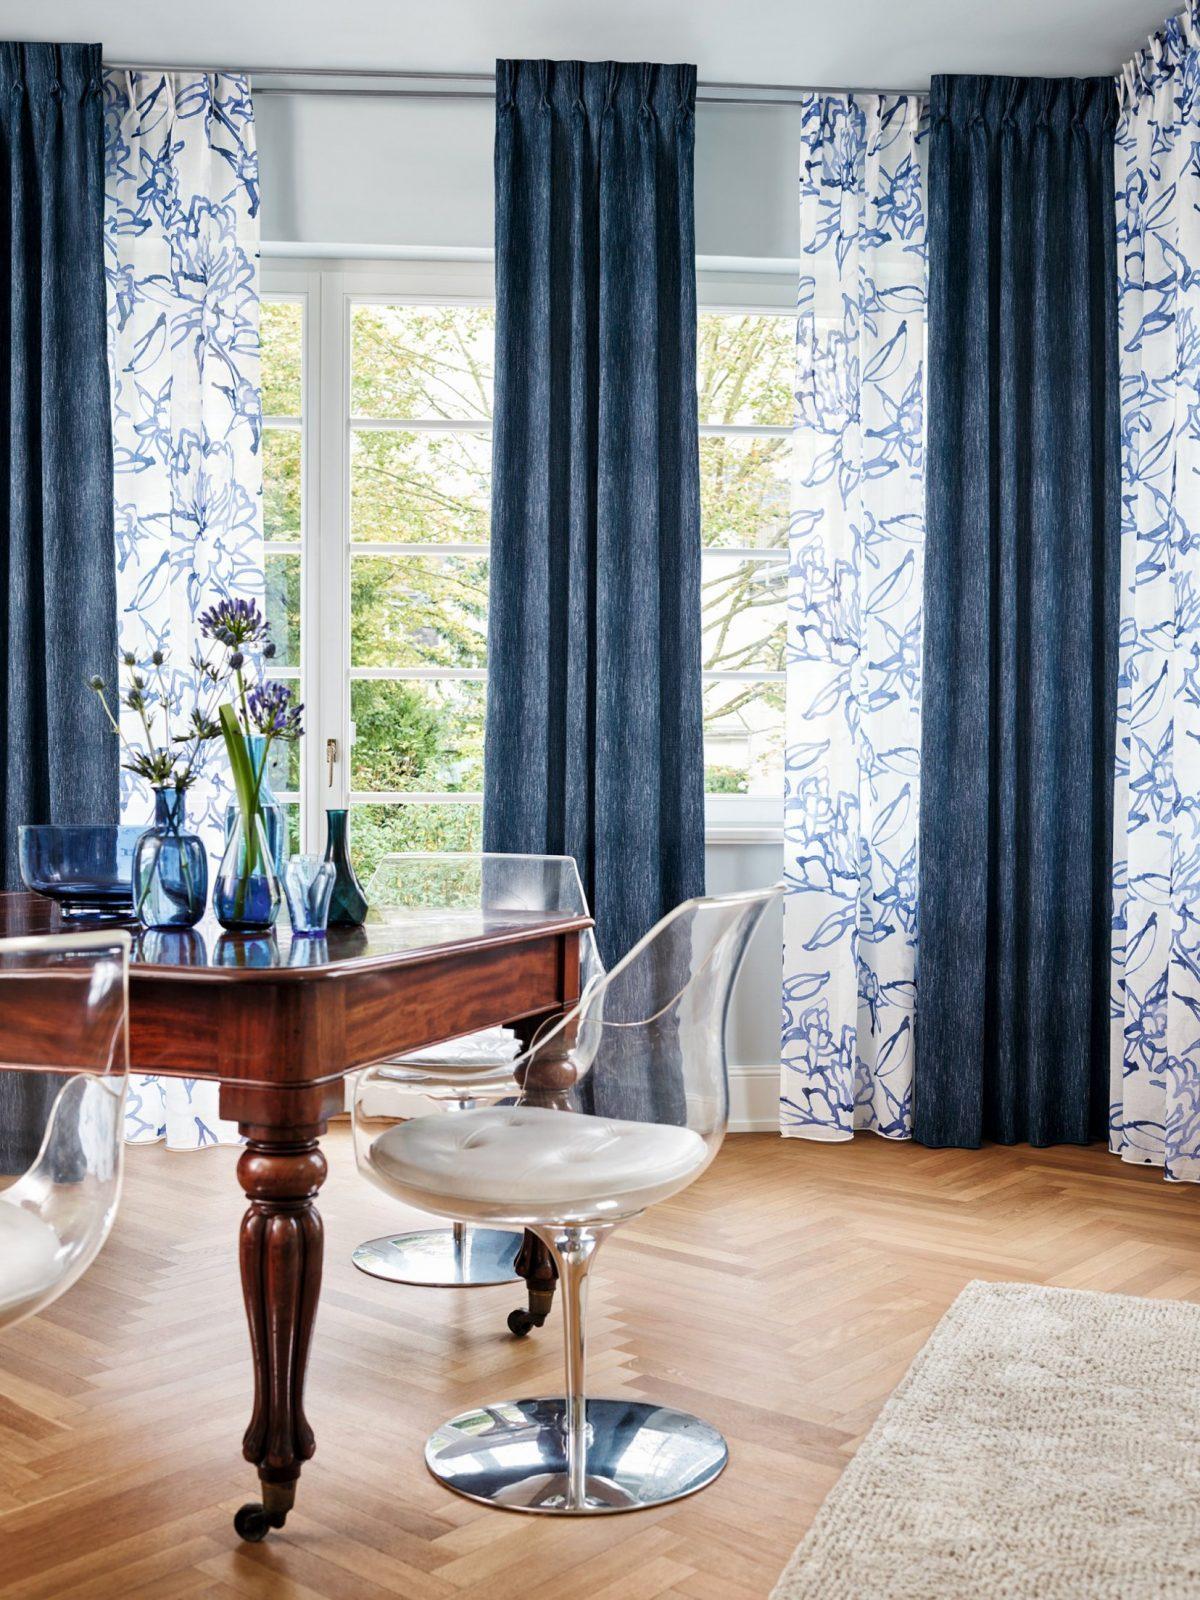 48 Frisch Lager Von Gardinen Für Dachfenster Ikea Für Designideen von Gardinen Für Dachfenster Ideen Bild